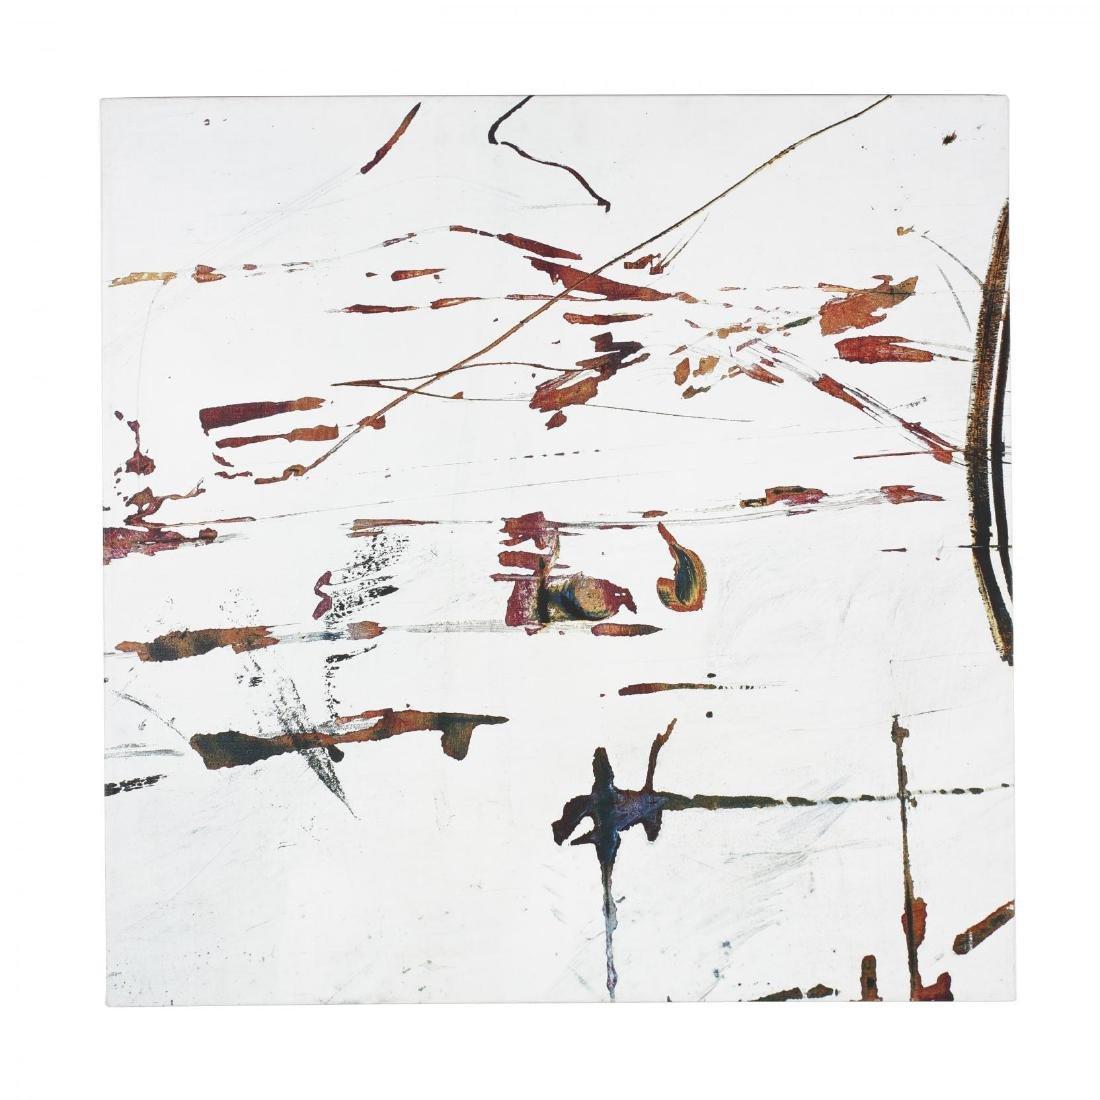 Baker,  Confetti Abstract II & III - 3